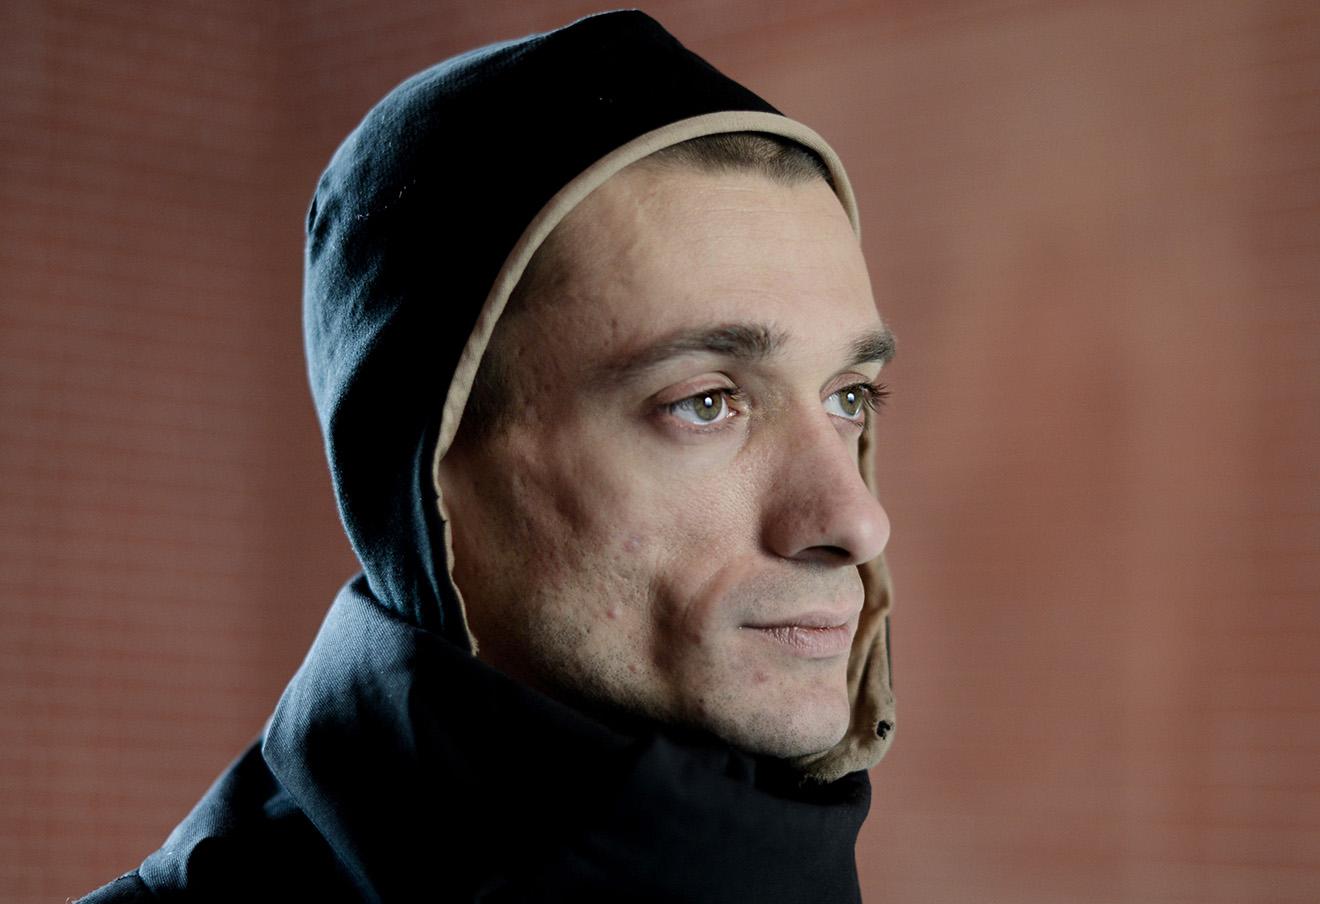 Российские художники выступили в защиту Петра Павленского  Под Дипломом в защиту Петра Павленского устроившего акцию по поджогу дверей ФСБ подписались 128 представителей современного искусства